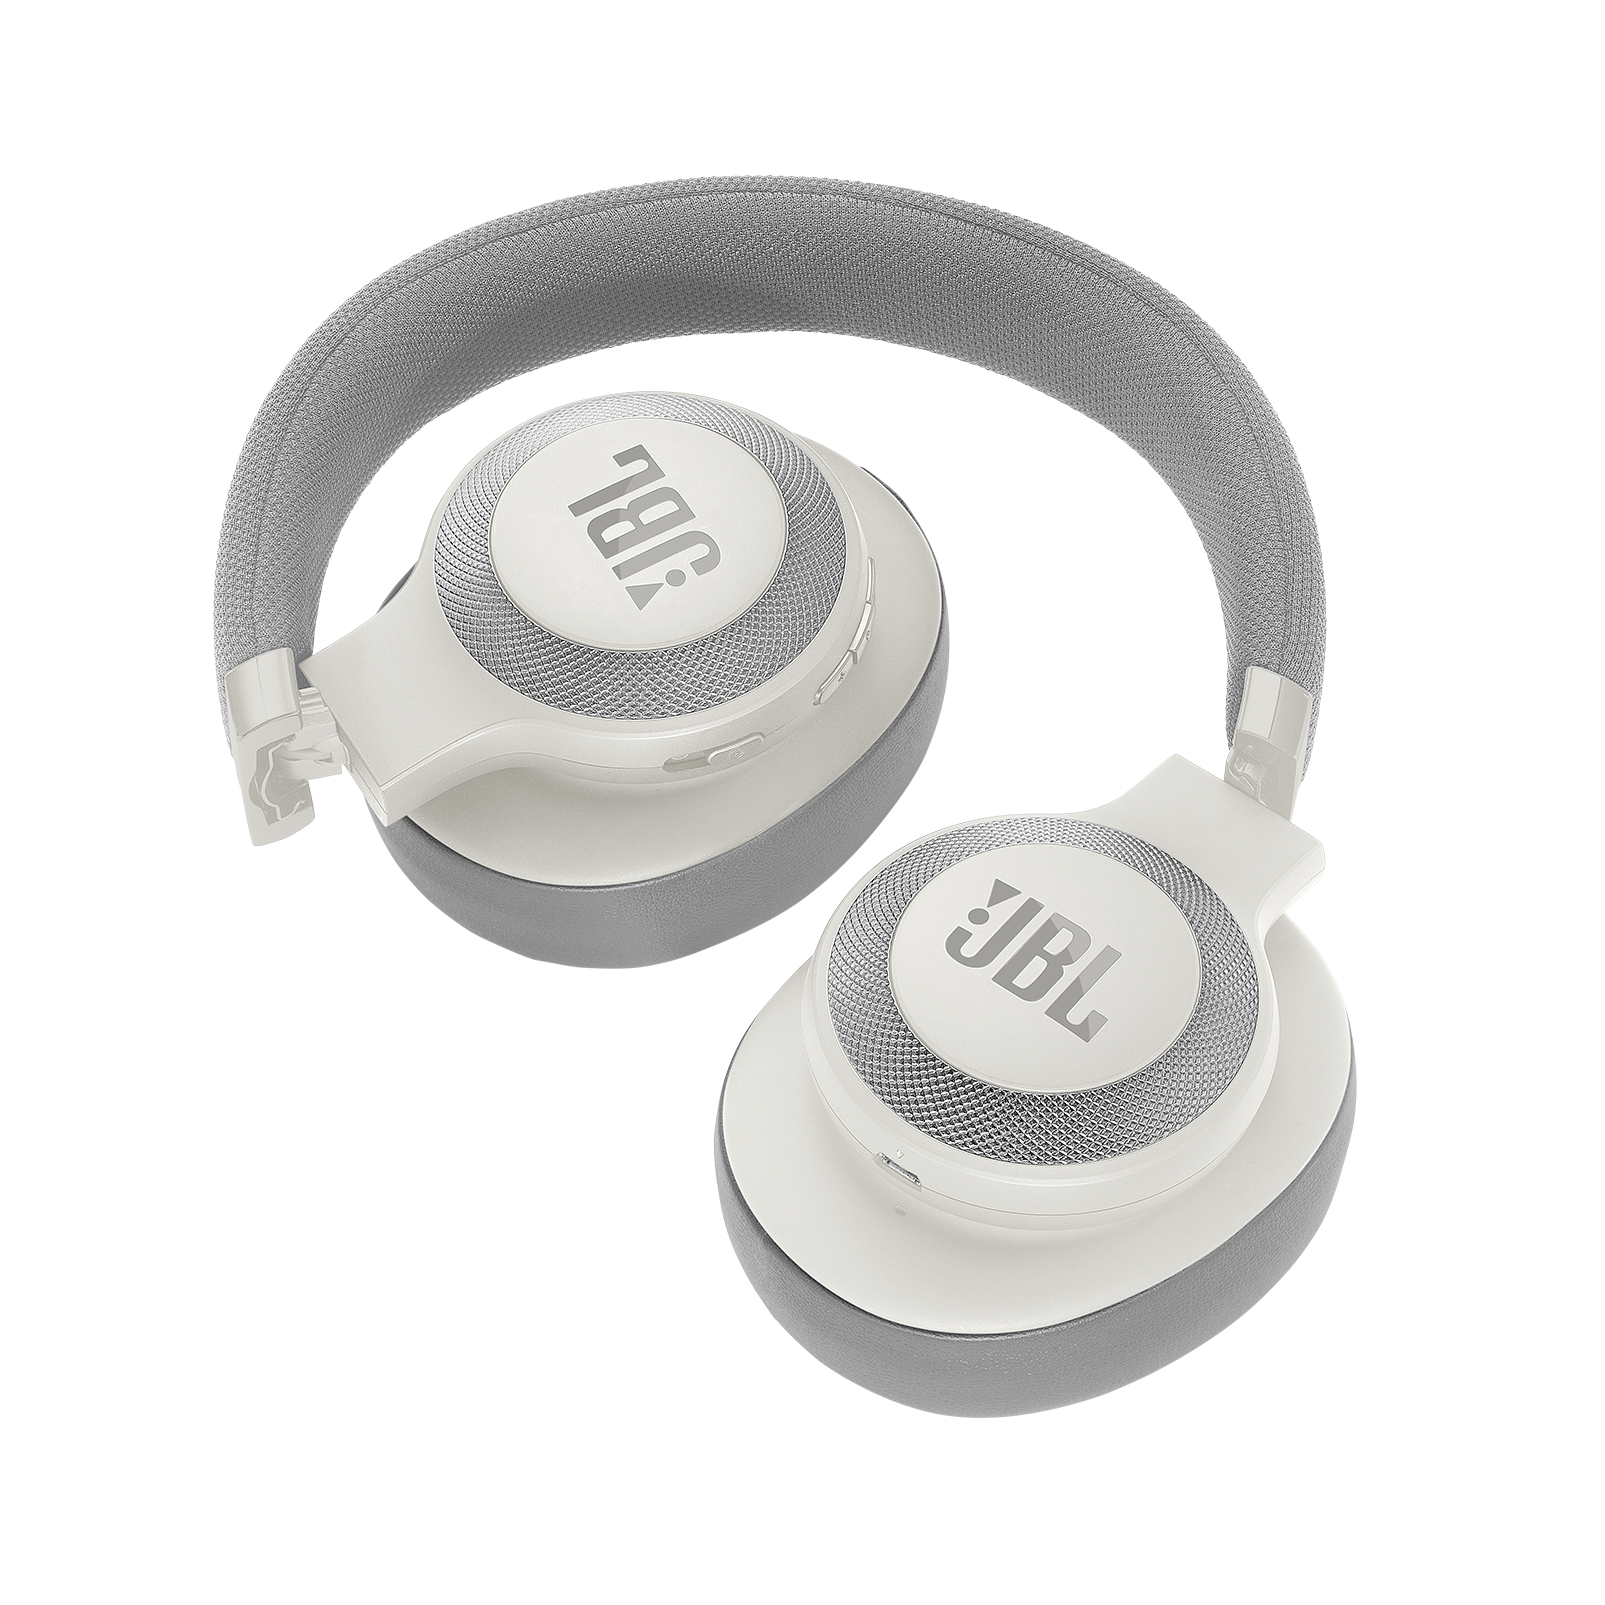 JBL E65BTNC - White - Wireless over-ear noise-cancelling headphones - Detailshot 2